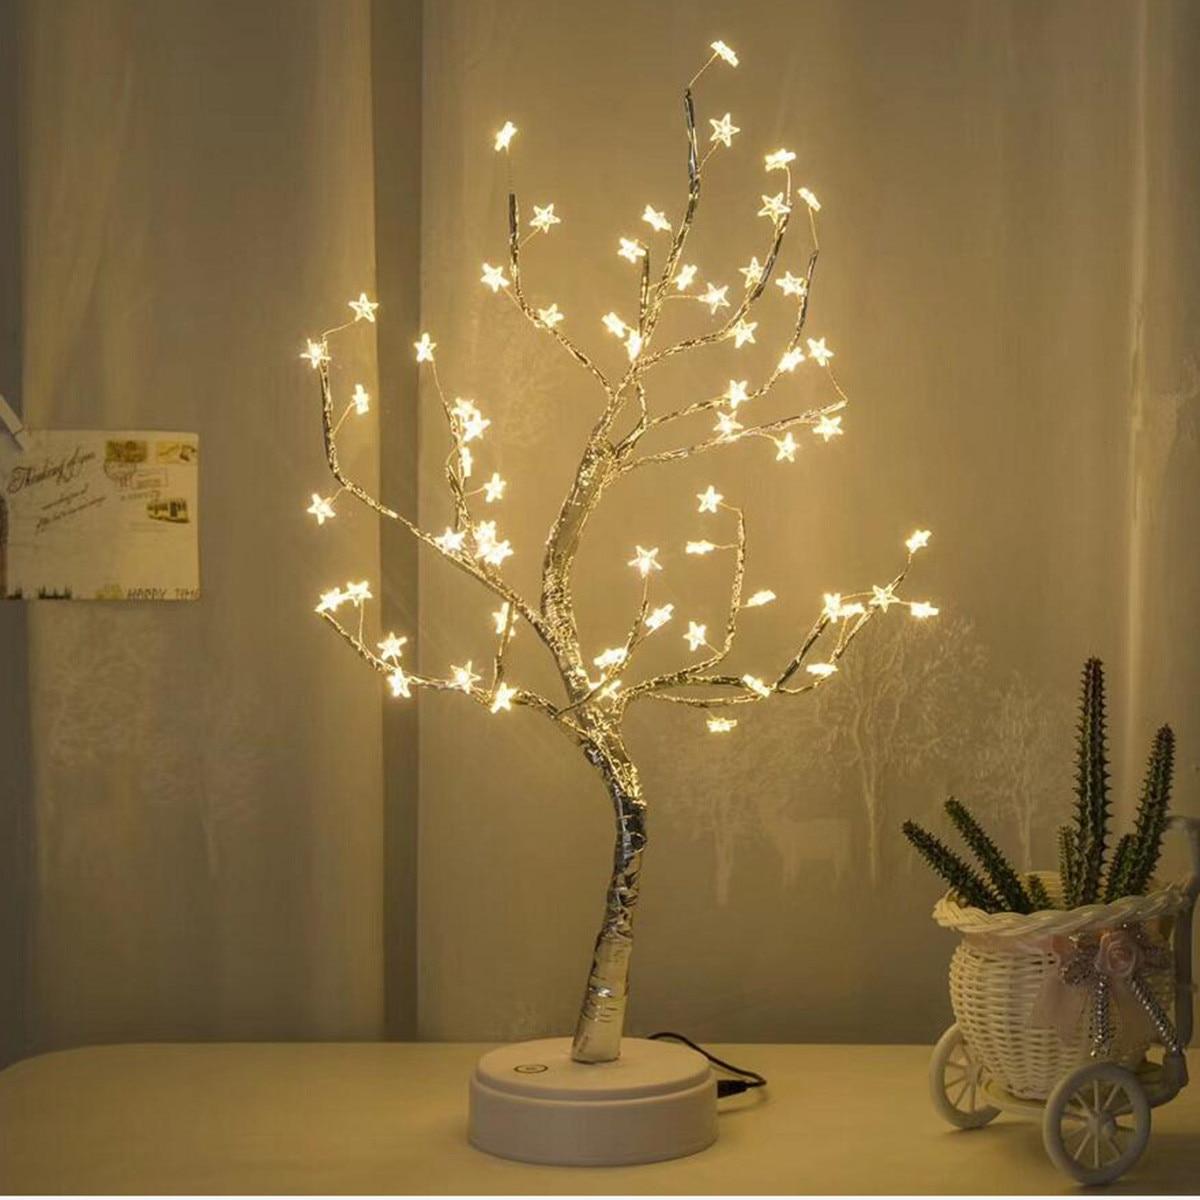 Original ALIWARM Weiß LED Mit 60 Weißen Stern Tisch Lampe Für Home Dekoration Hochzeit Schlafzimmer Dropshipping 20